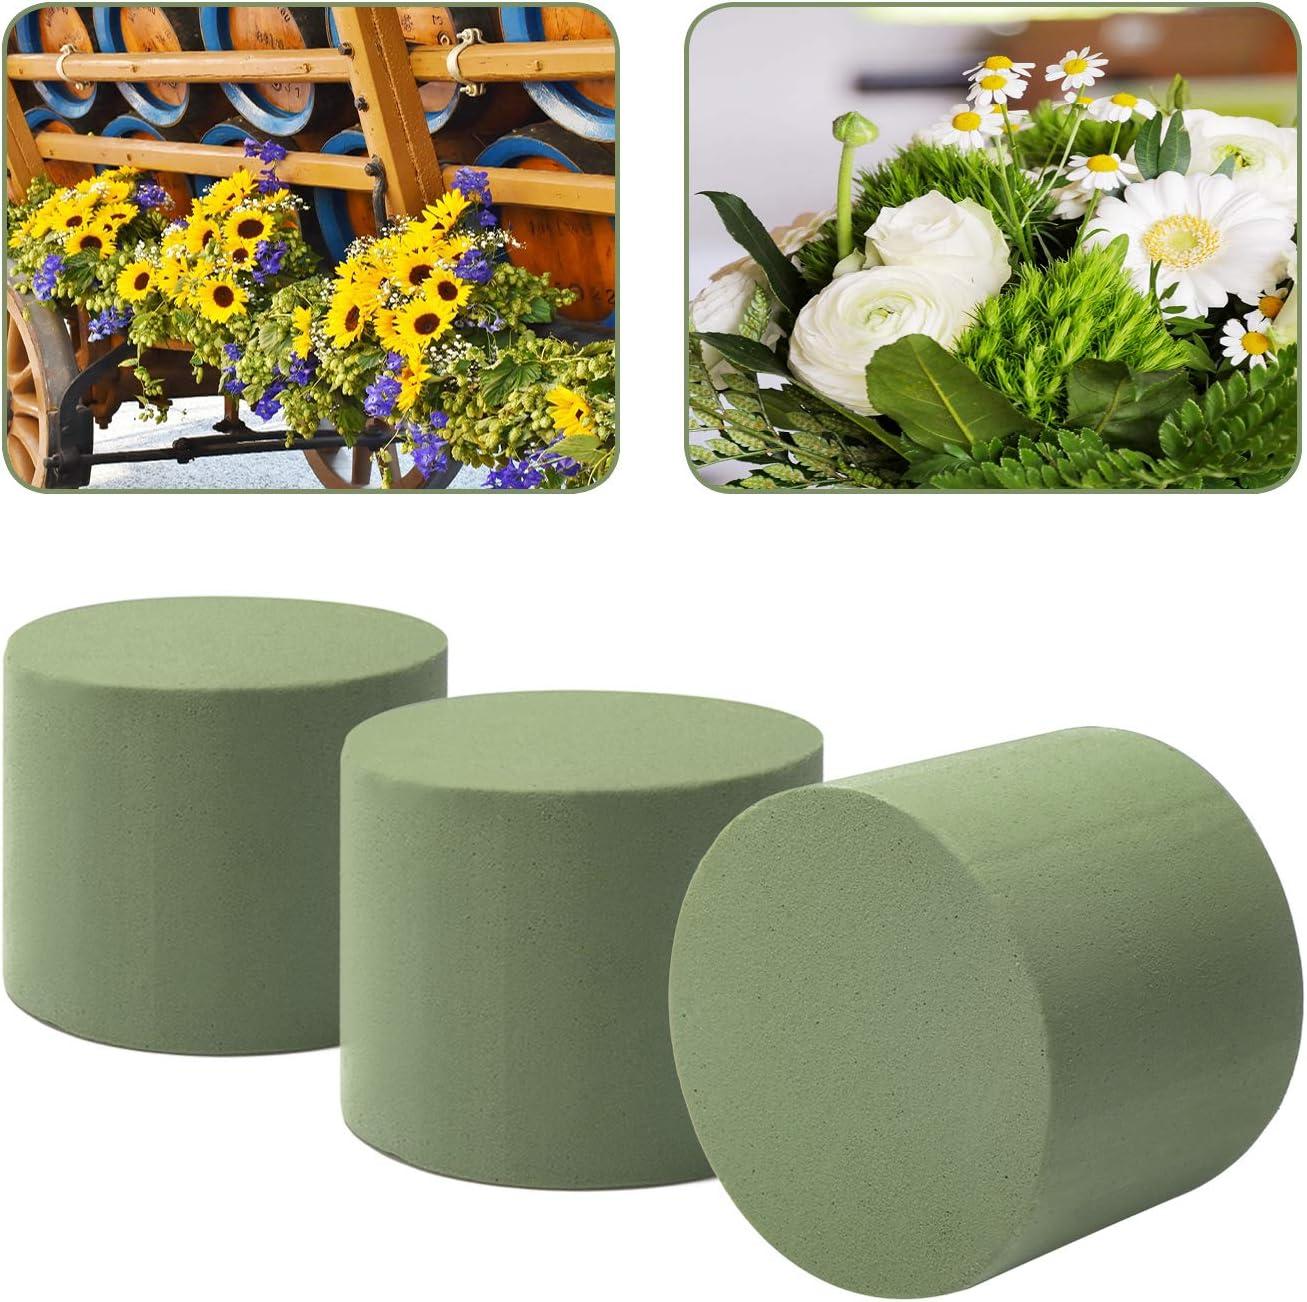 6 Piezas - Cilindro Grande Espuma para macetas para Flores Frescas com-four/® Compuesto para macetas 6X para arreglos Florales en Forma cil/índrica Esponja para Hacer Manualidades para Bodas